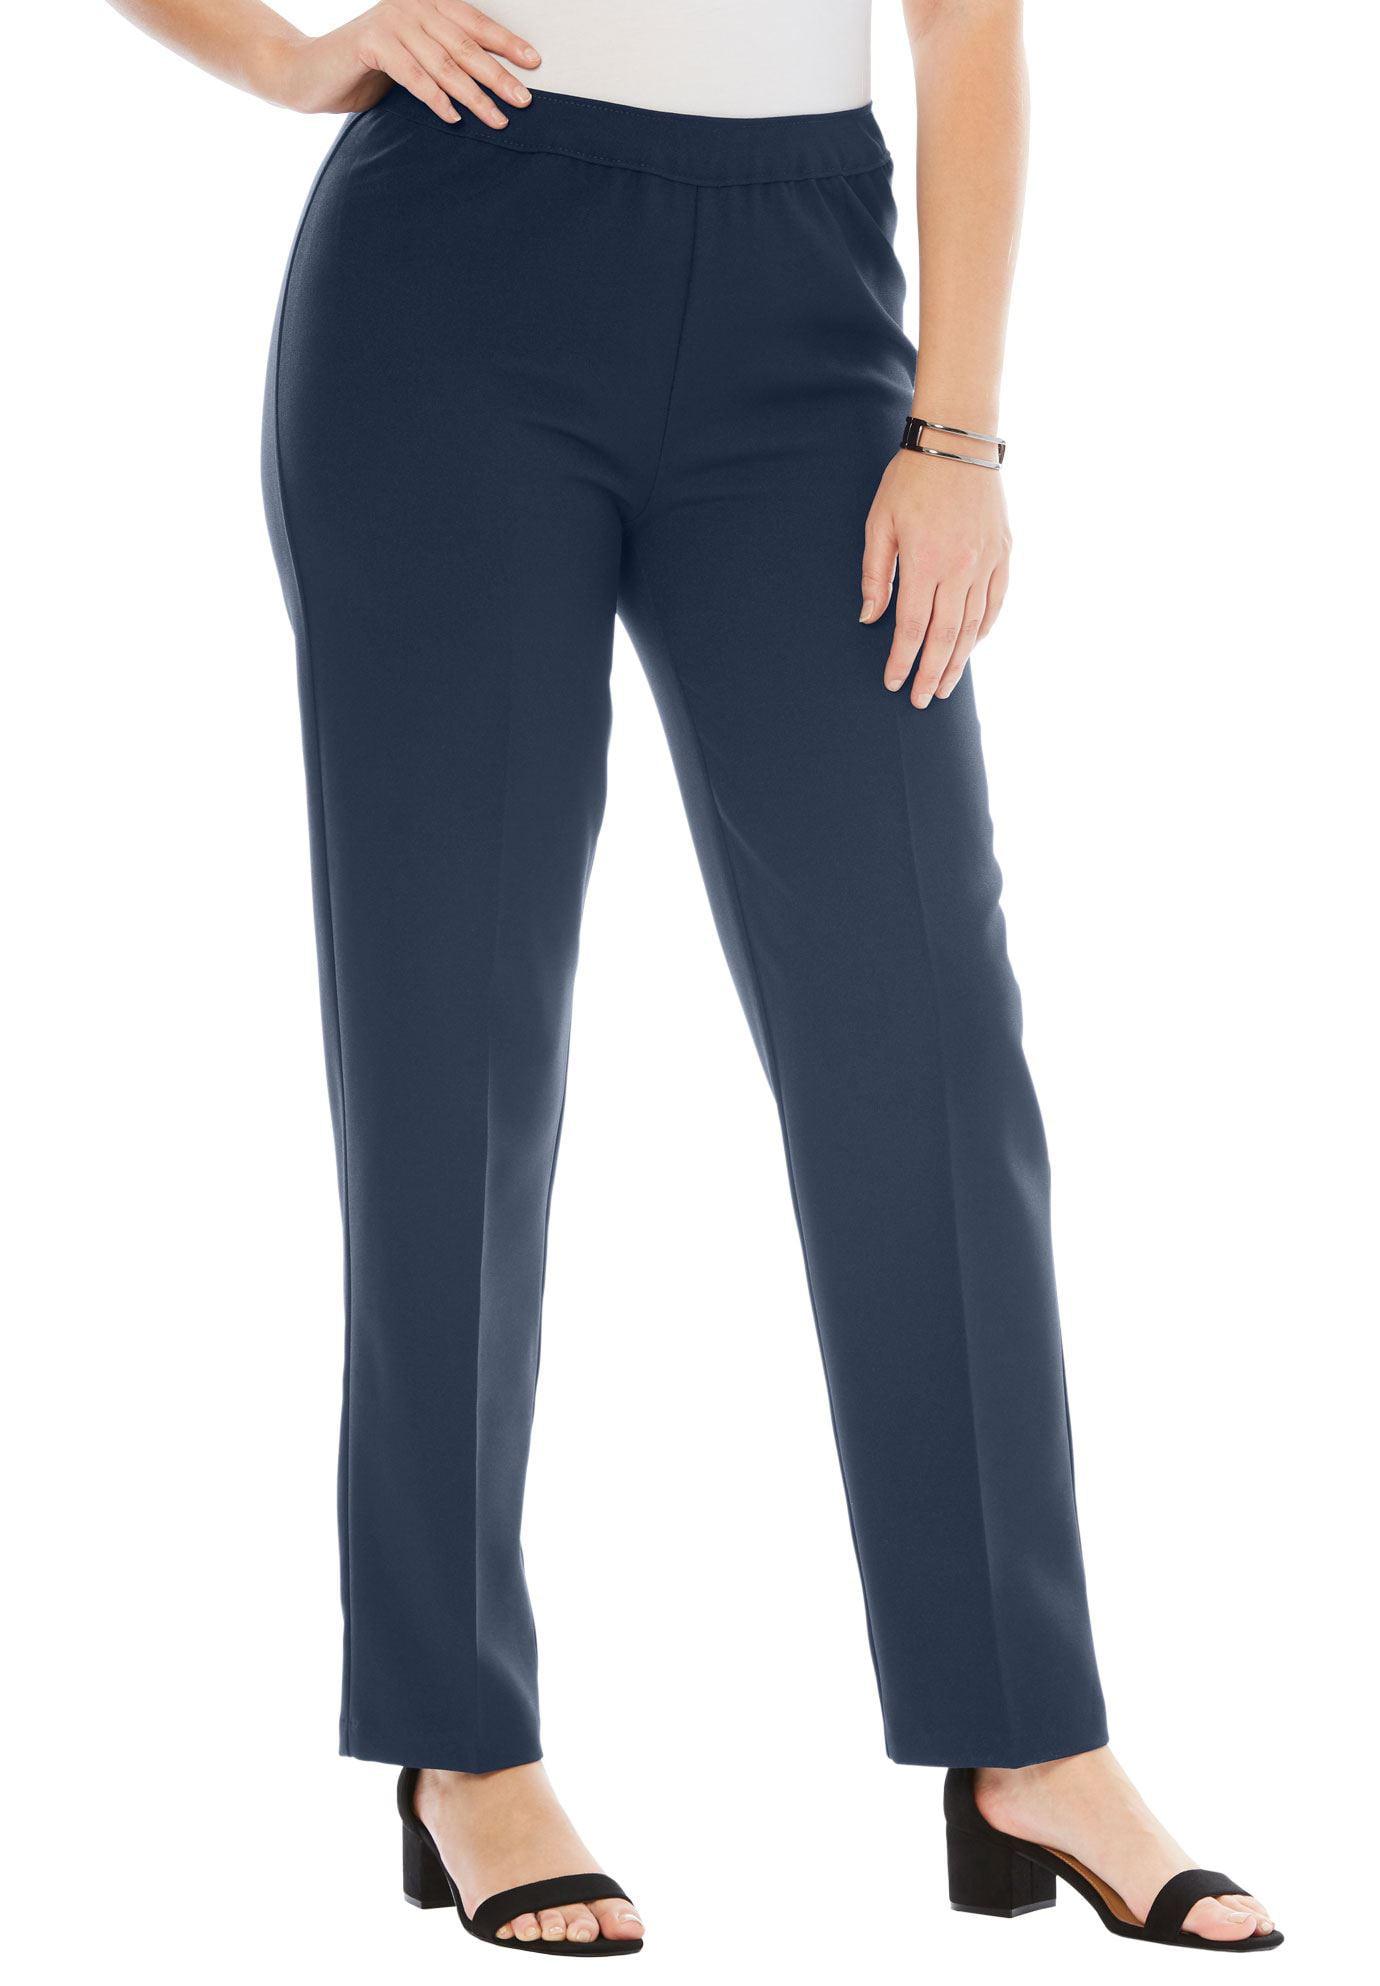 Roamans Plus Size Petite Bend Over Classic Pant